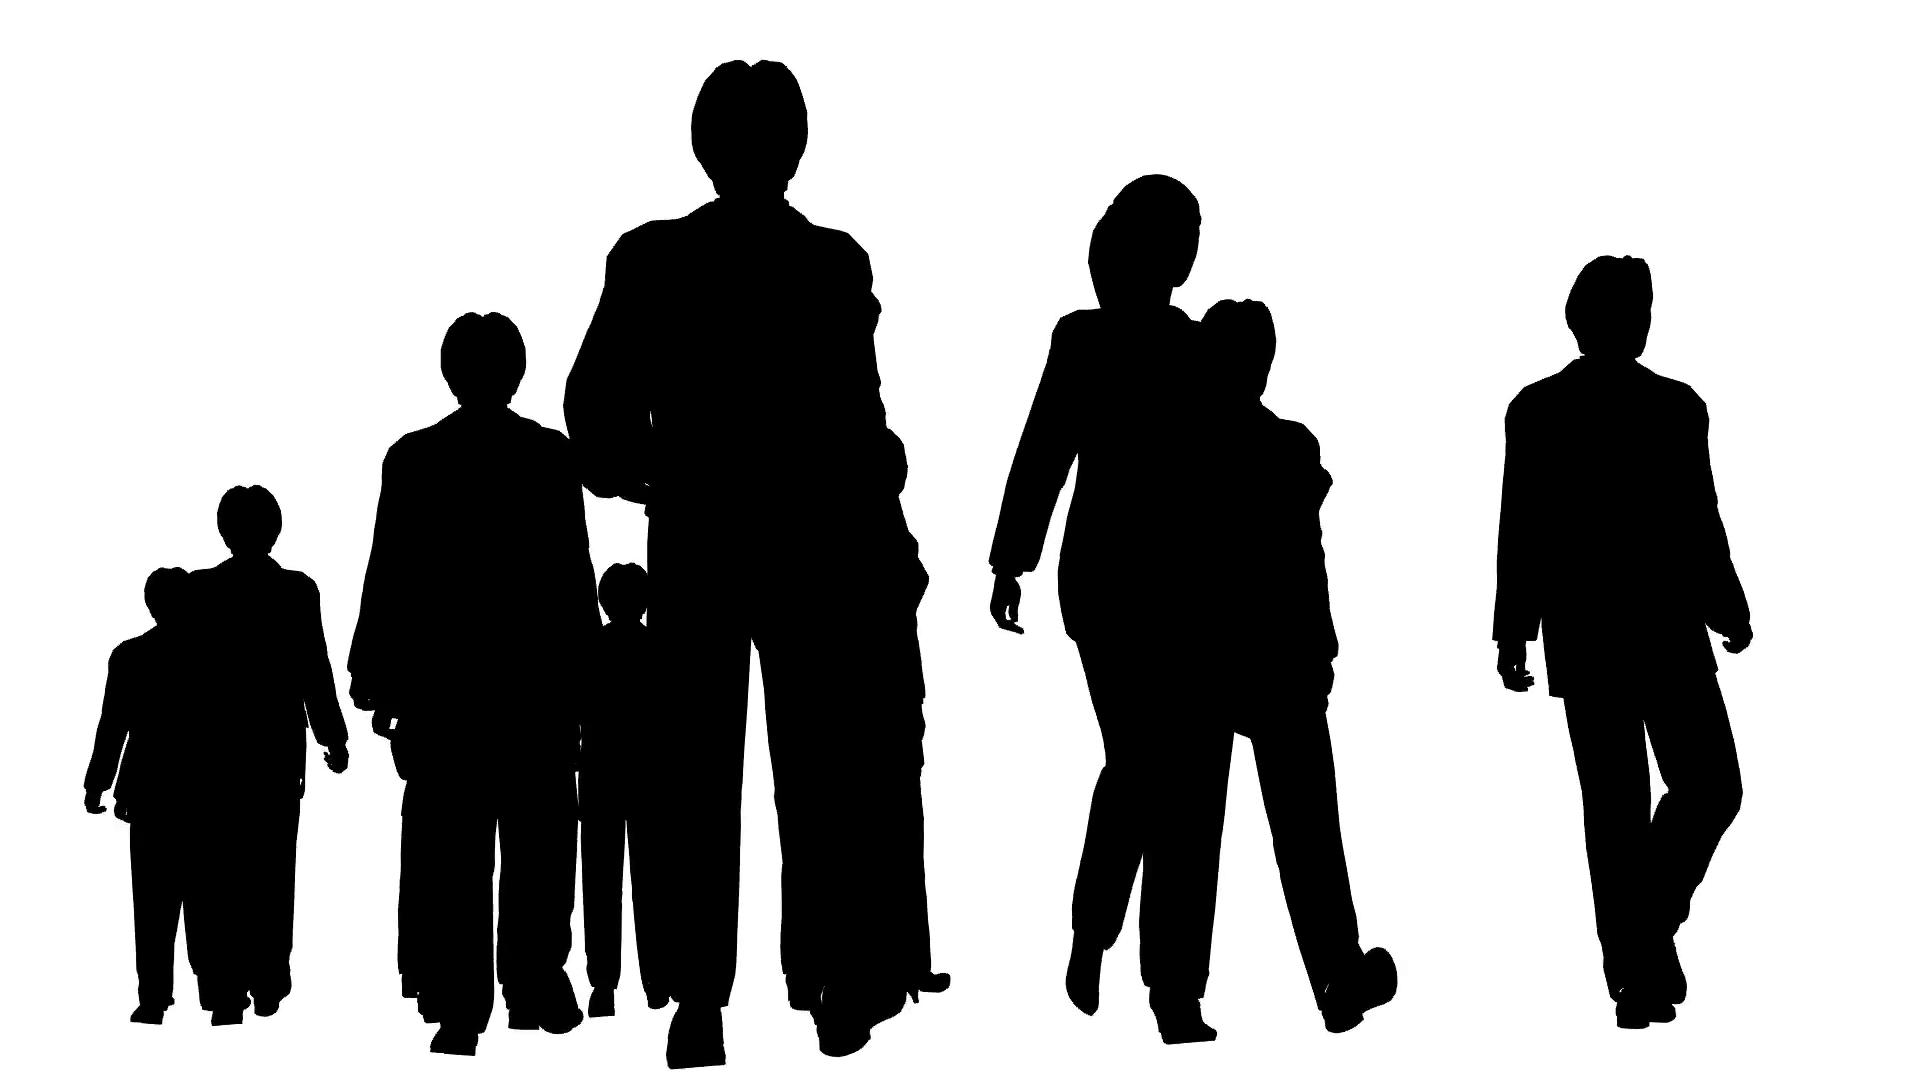 Silhouette Of People Walking at GetDrawings.com.